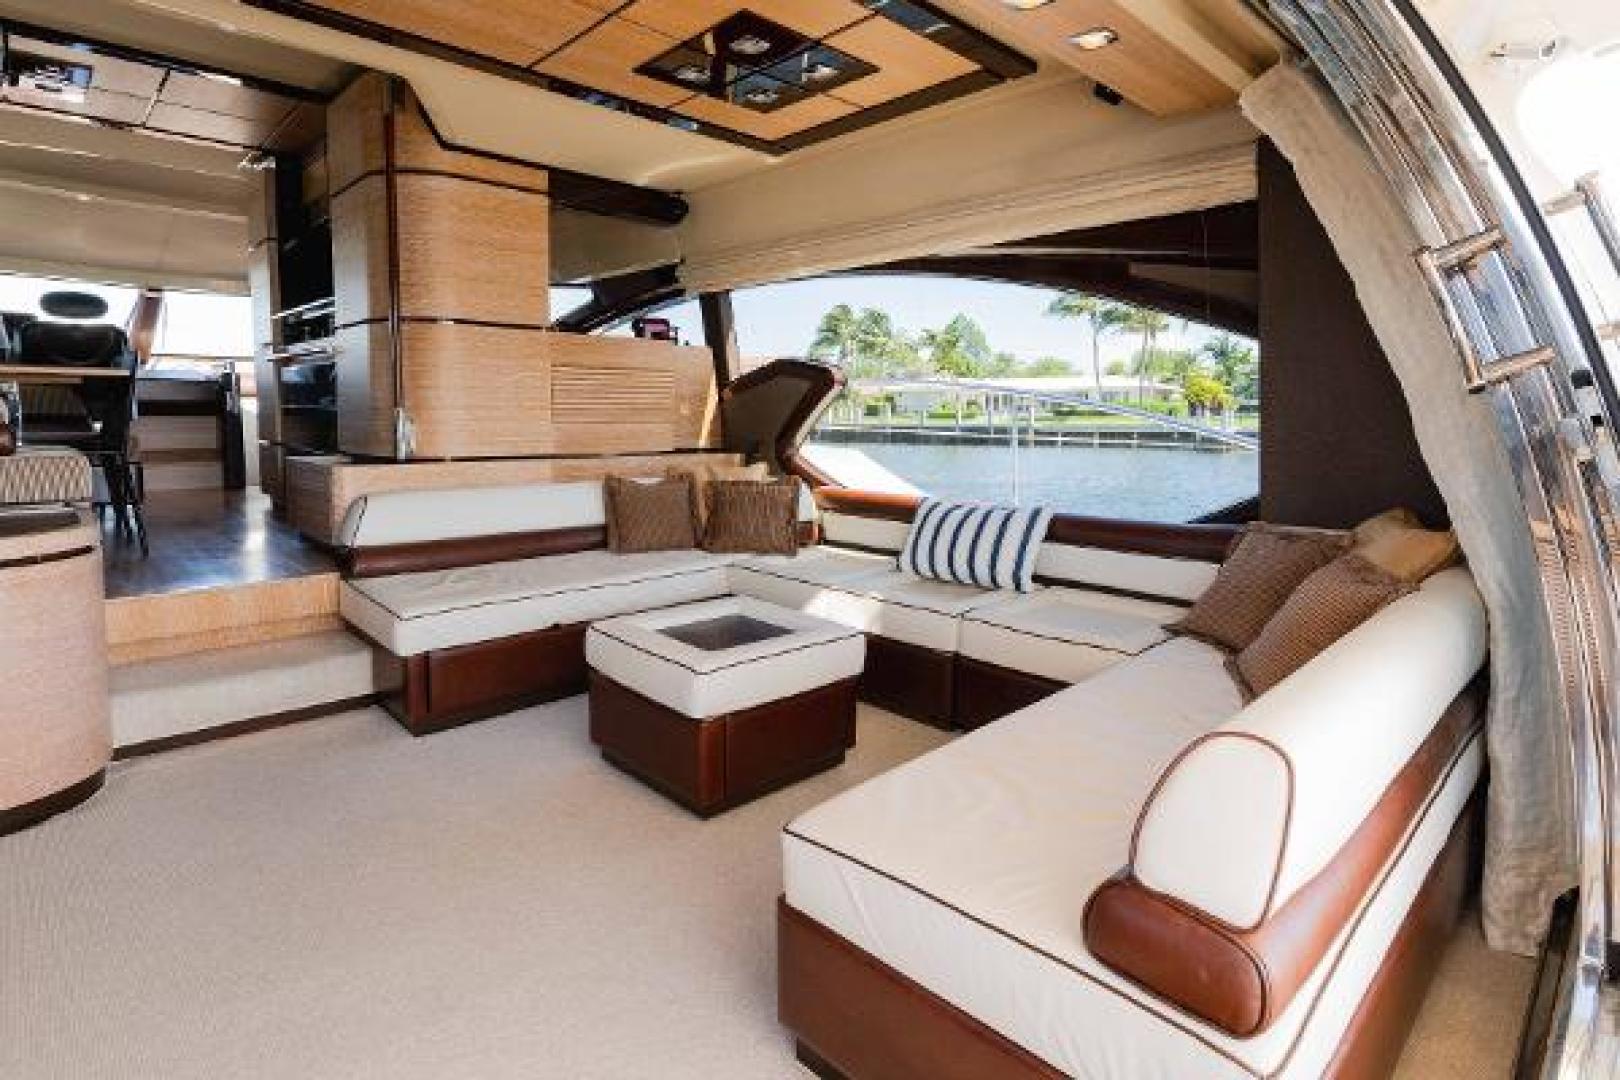 Azimut-Flybridge 2011 -Fort Lauderdale-Florida-United States-Salon-1195748 | Thumbnail